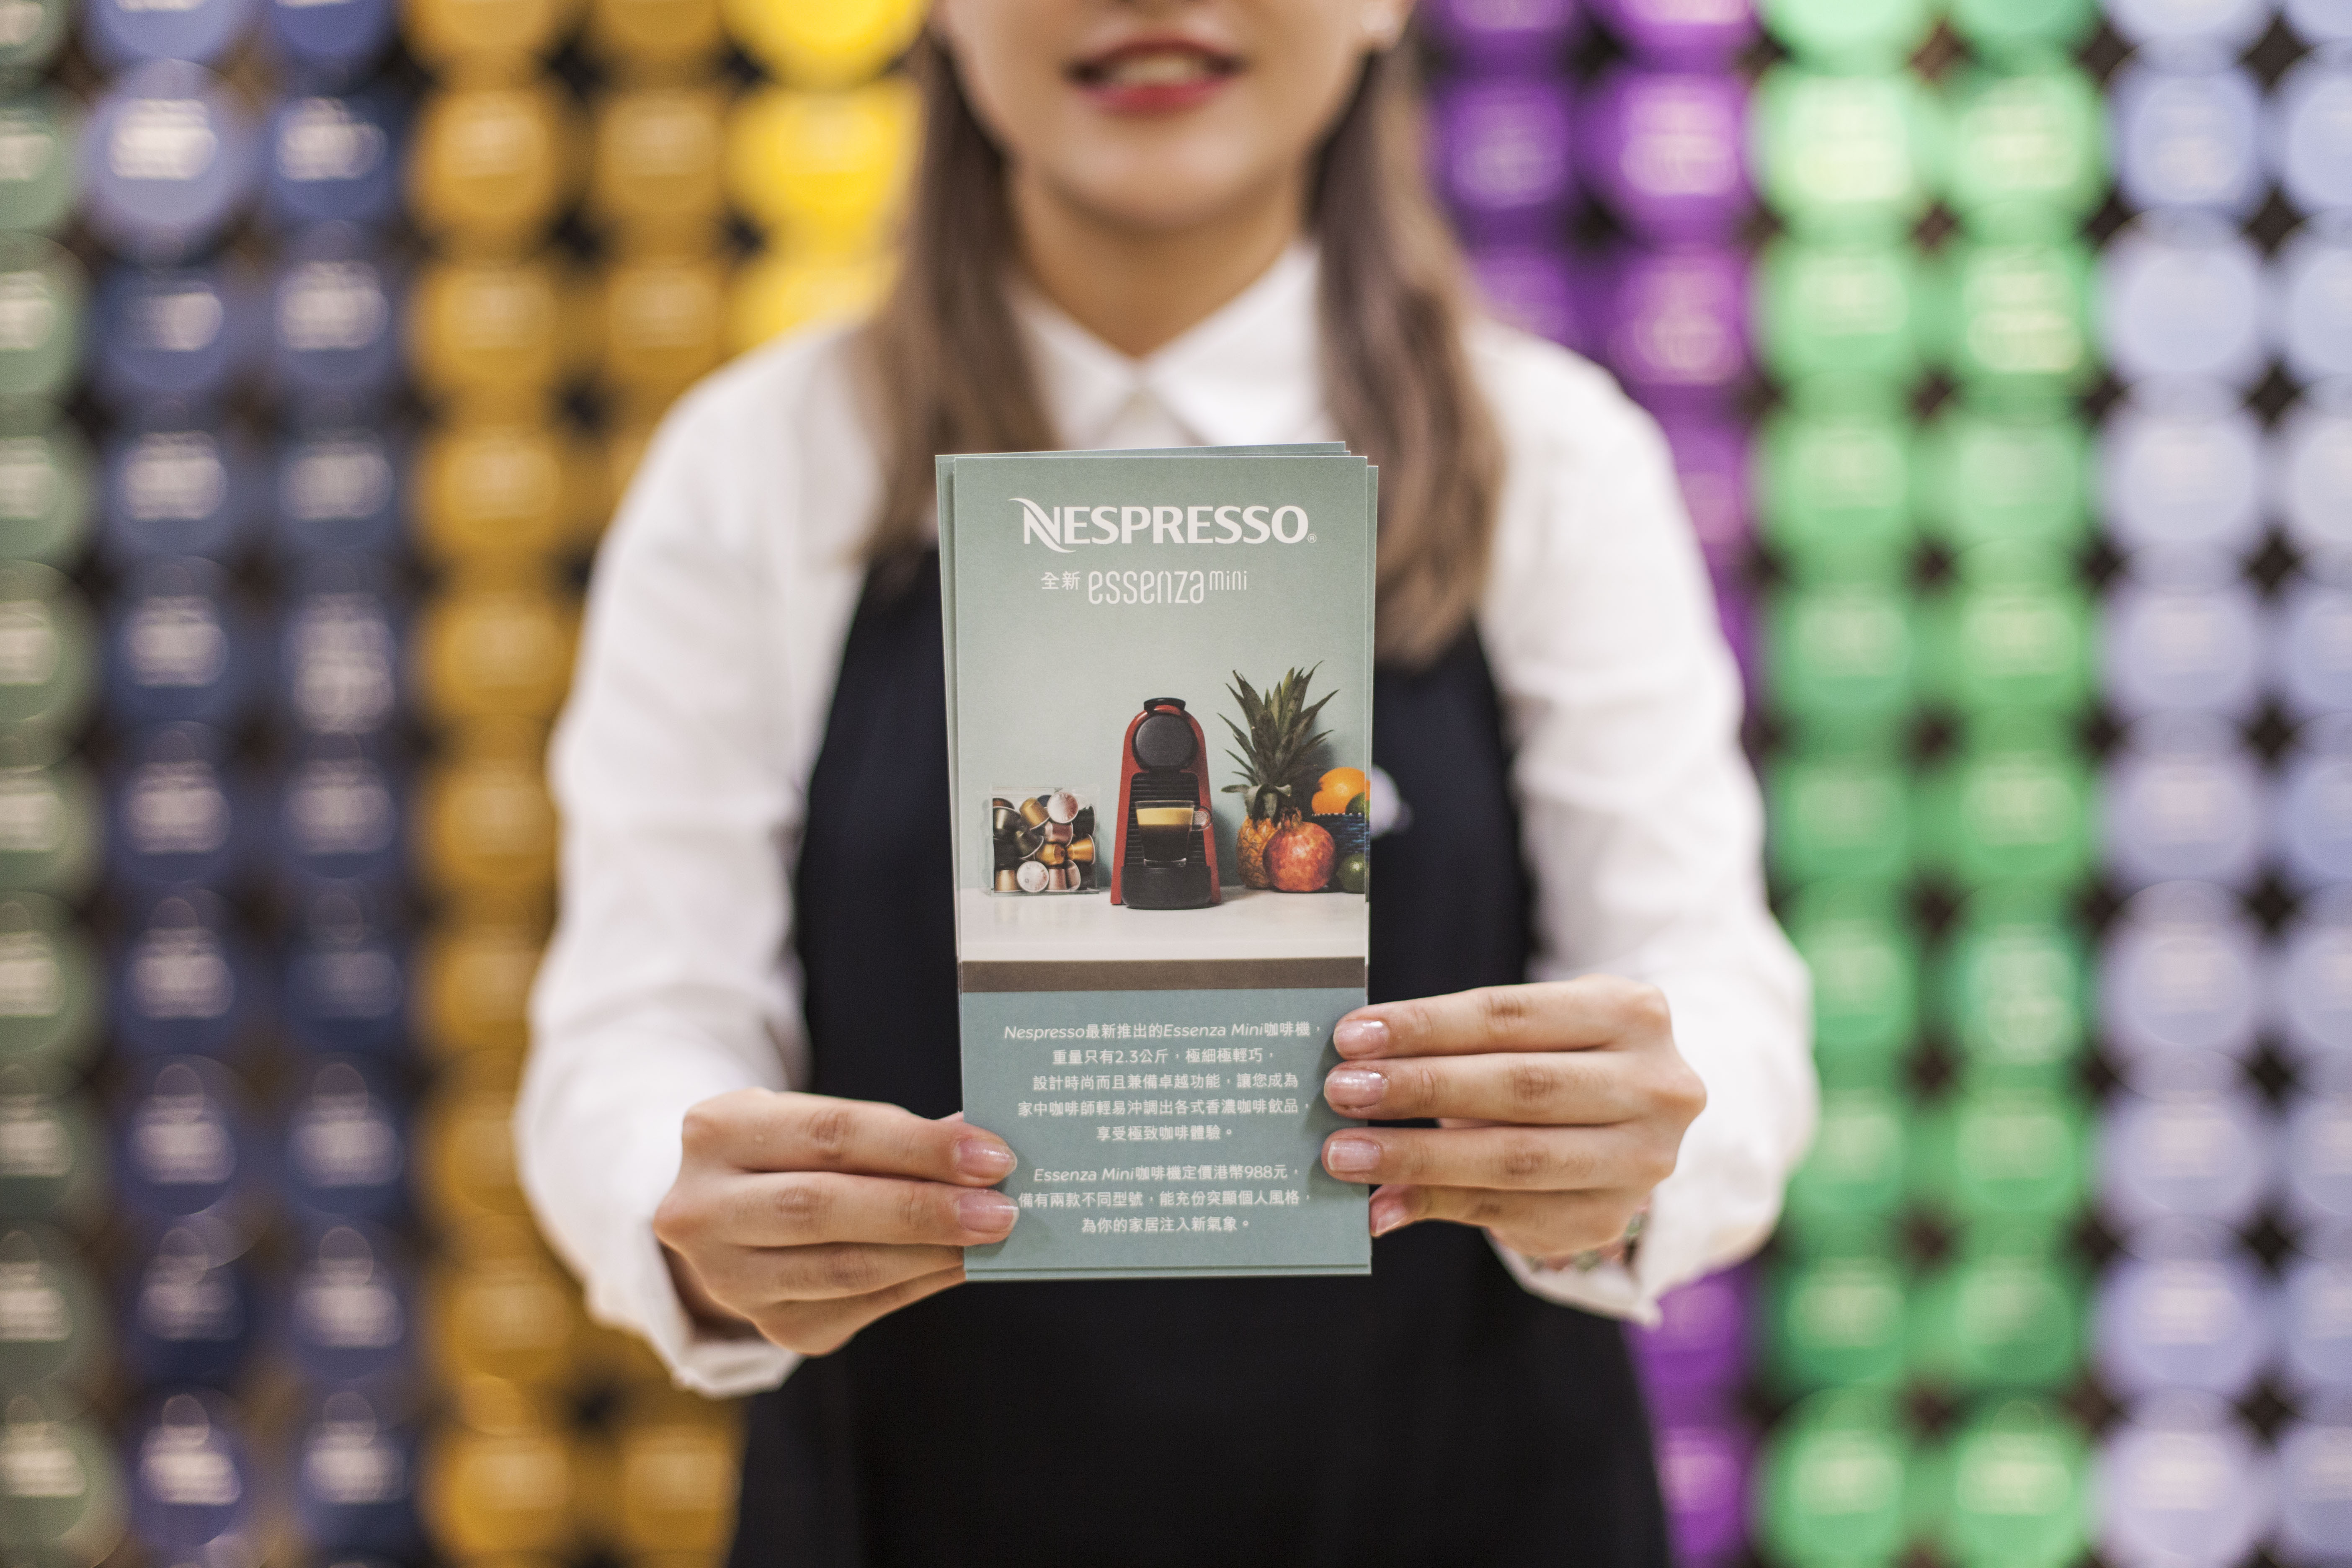 Nespresso HK